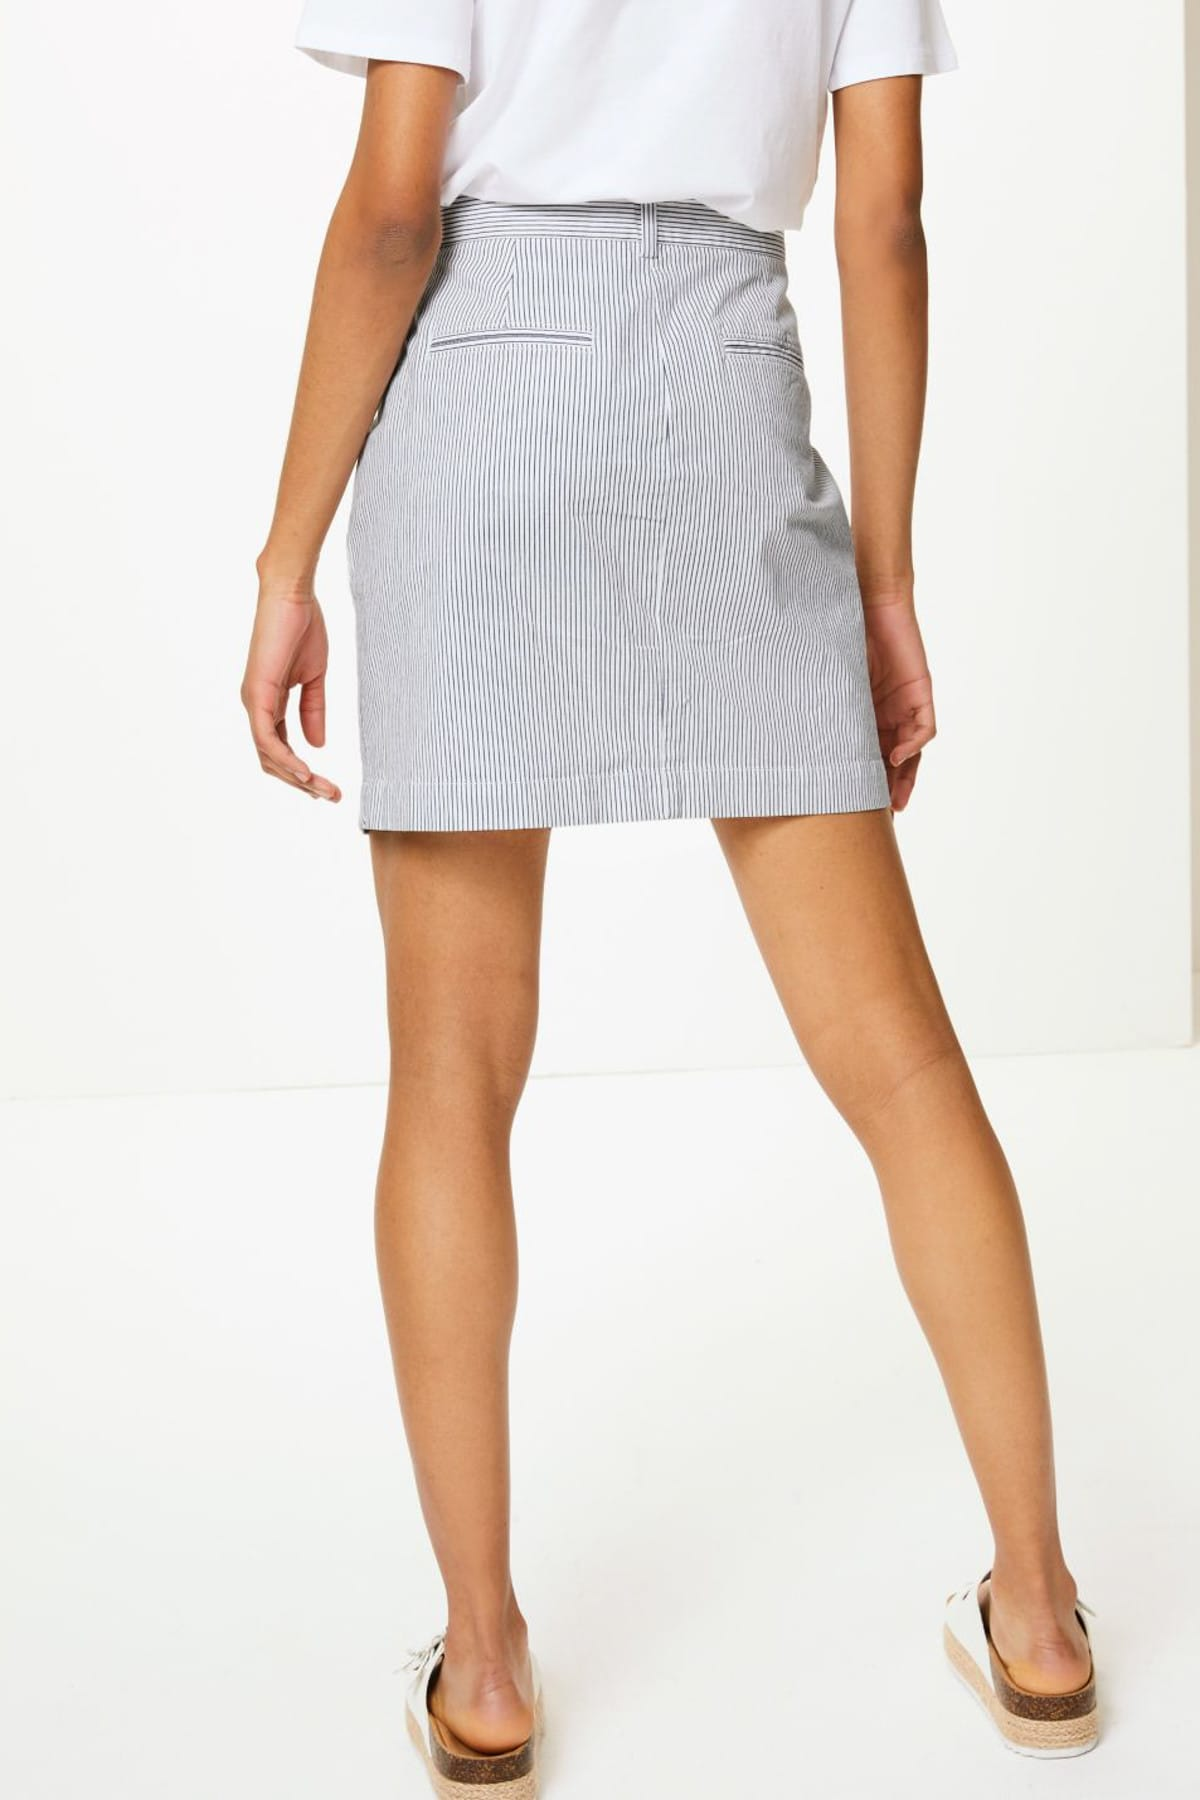 Marks & Spencer Kadın Beyaz Çizgili Mini Etek T57009705B